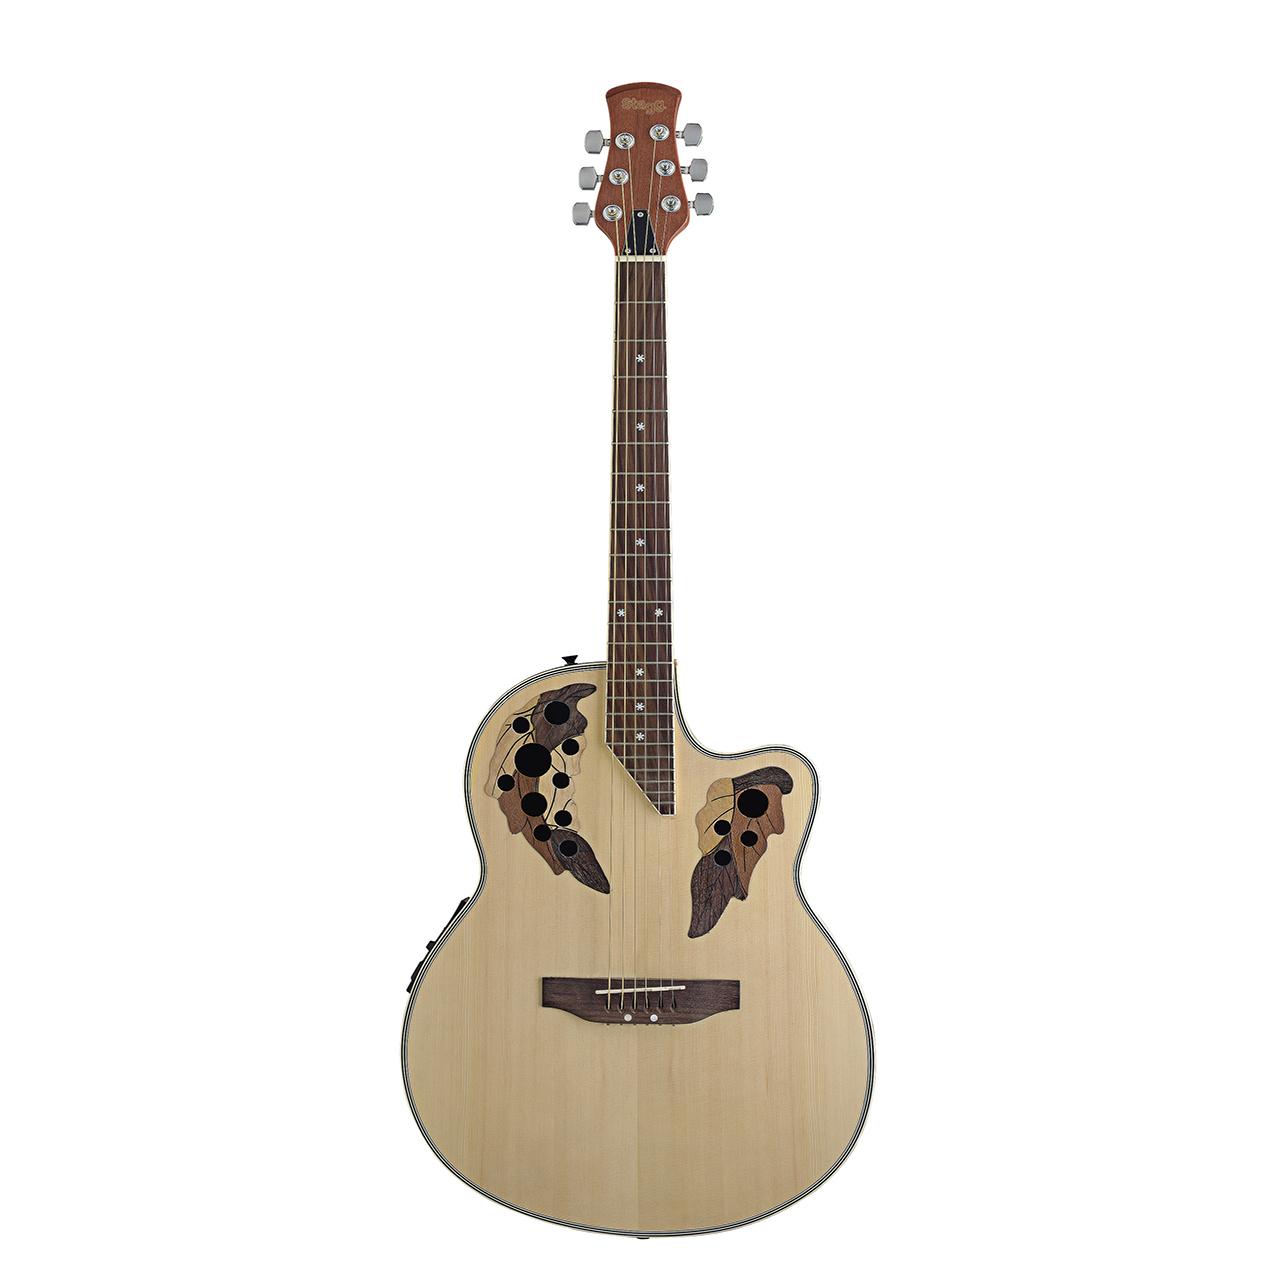 گیتار الکترو آکوستیک استگ مدل A2006 N